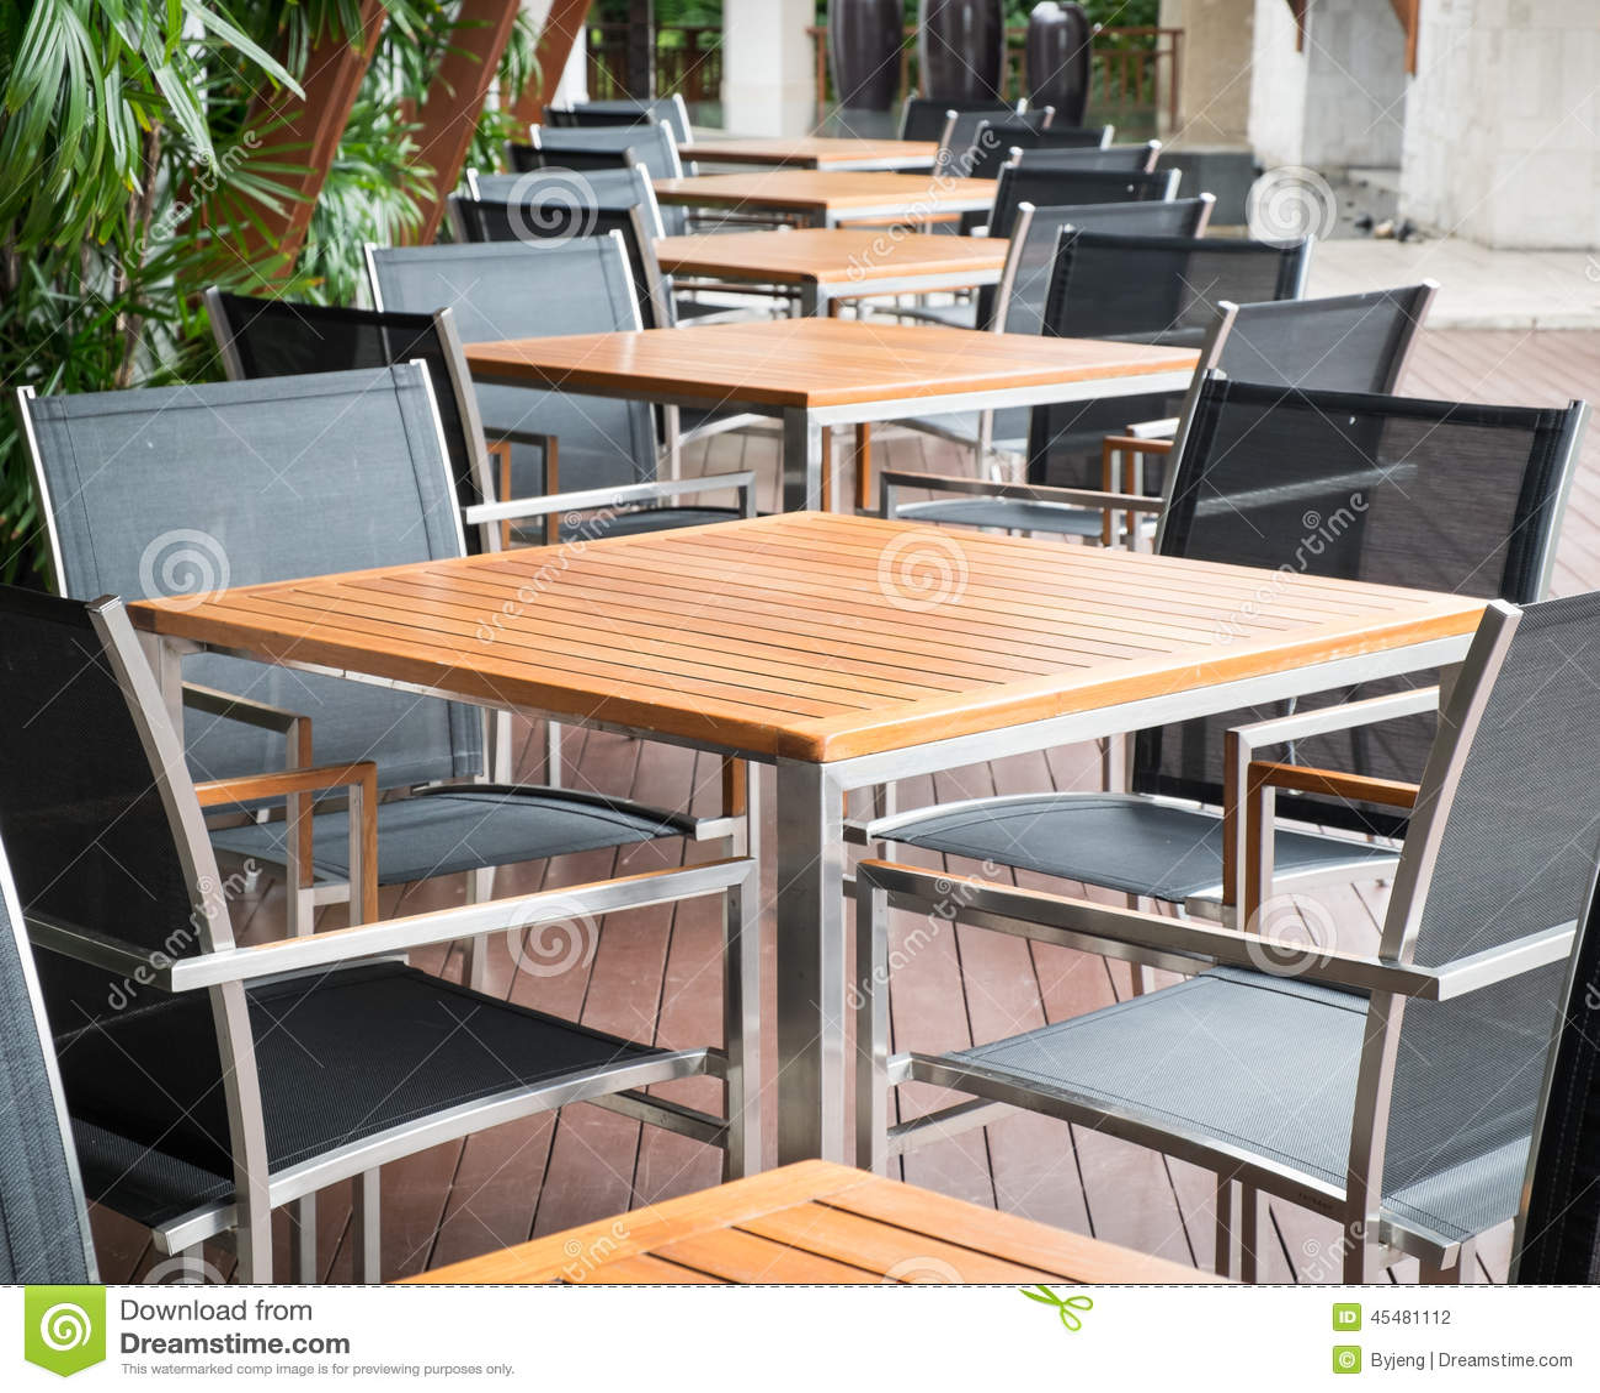 Tavoli Da Pranzo Di Legno Fotografia Stock Immagine: 45481112 #B0621B 1300 1148 Tavoli Da Pranzo In Legno